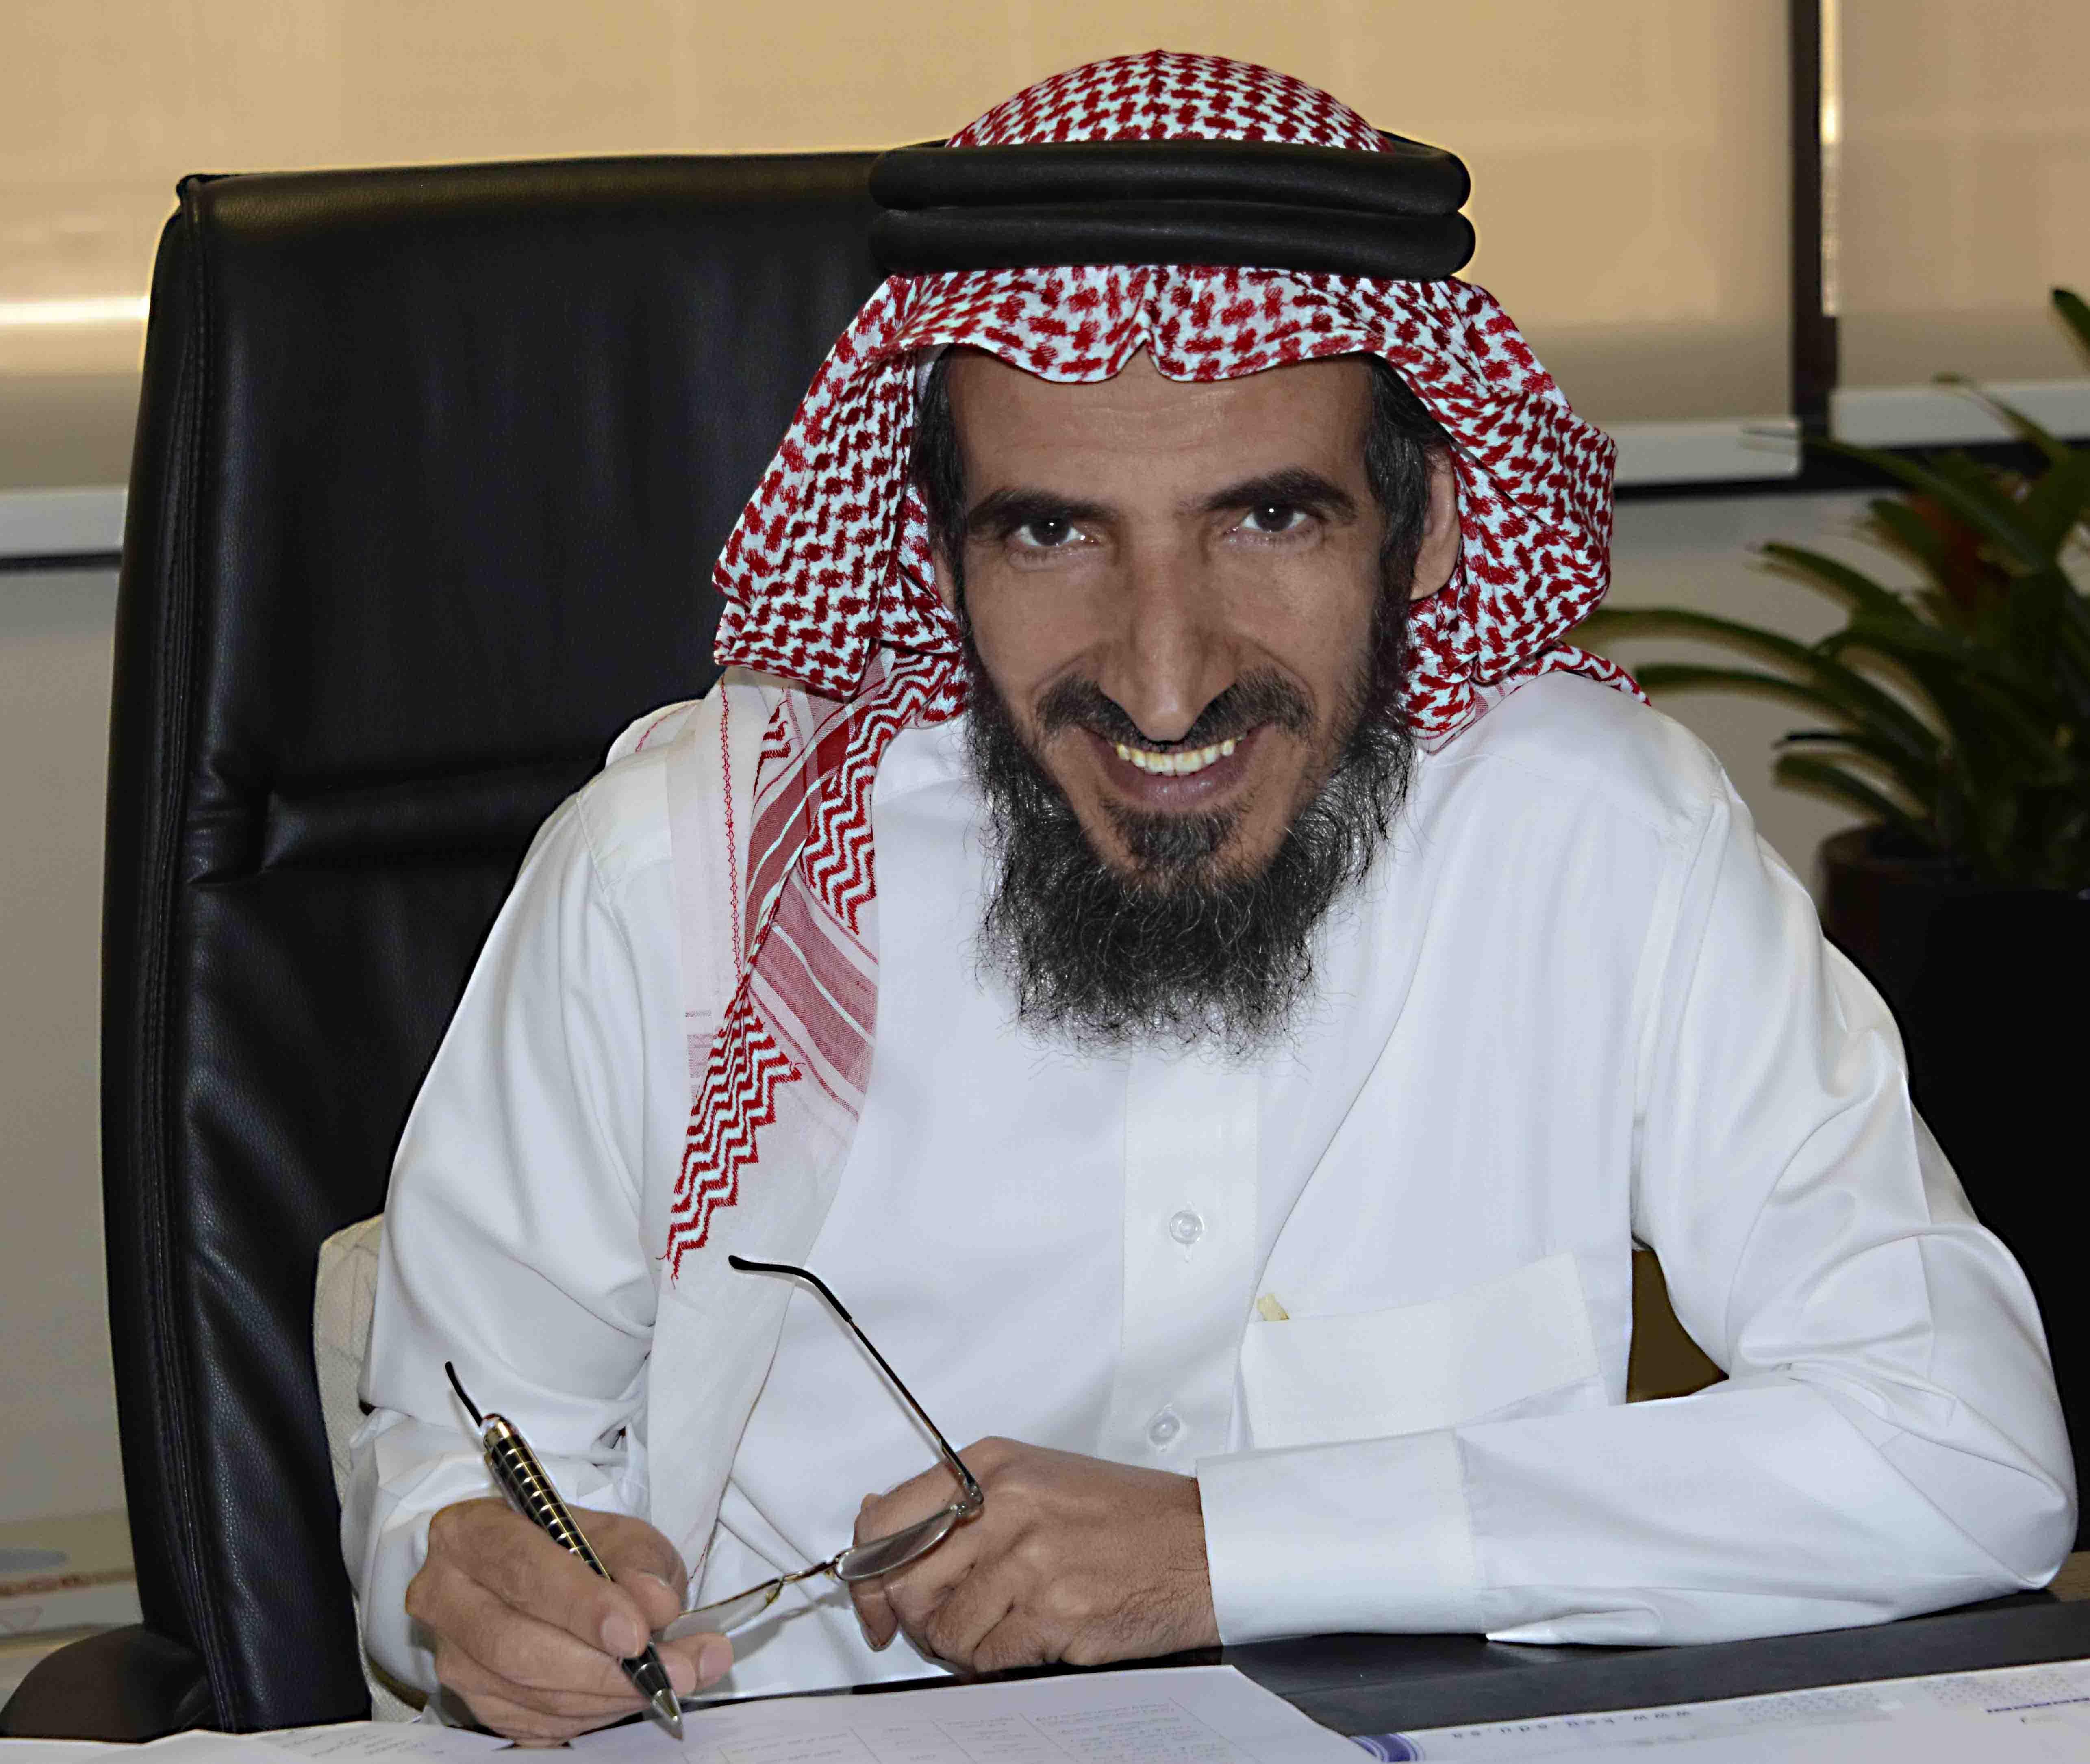 أصدر سعادة مدير عام الإدارة العامة لصيانة المدينة الجامعية للطالبات  عدة قرارات